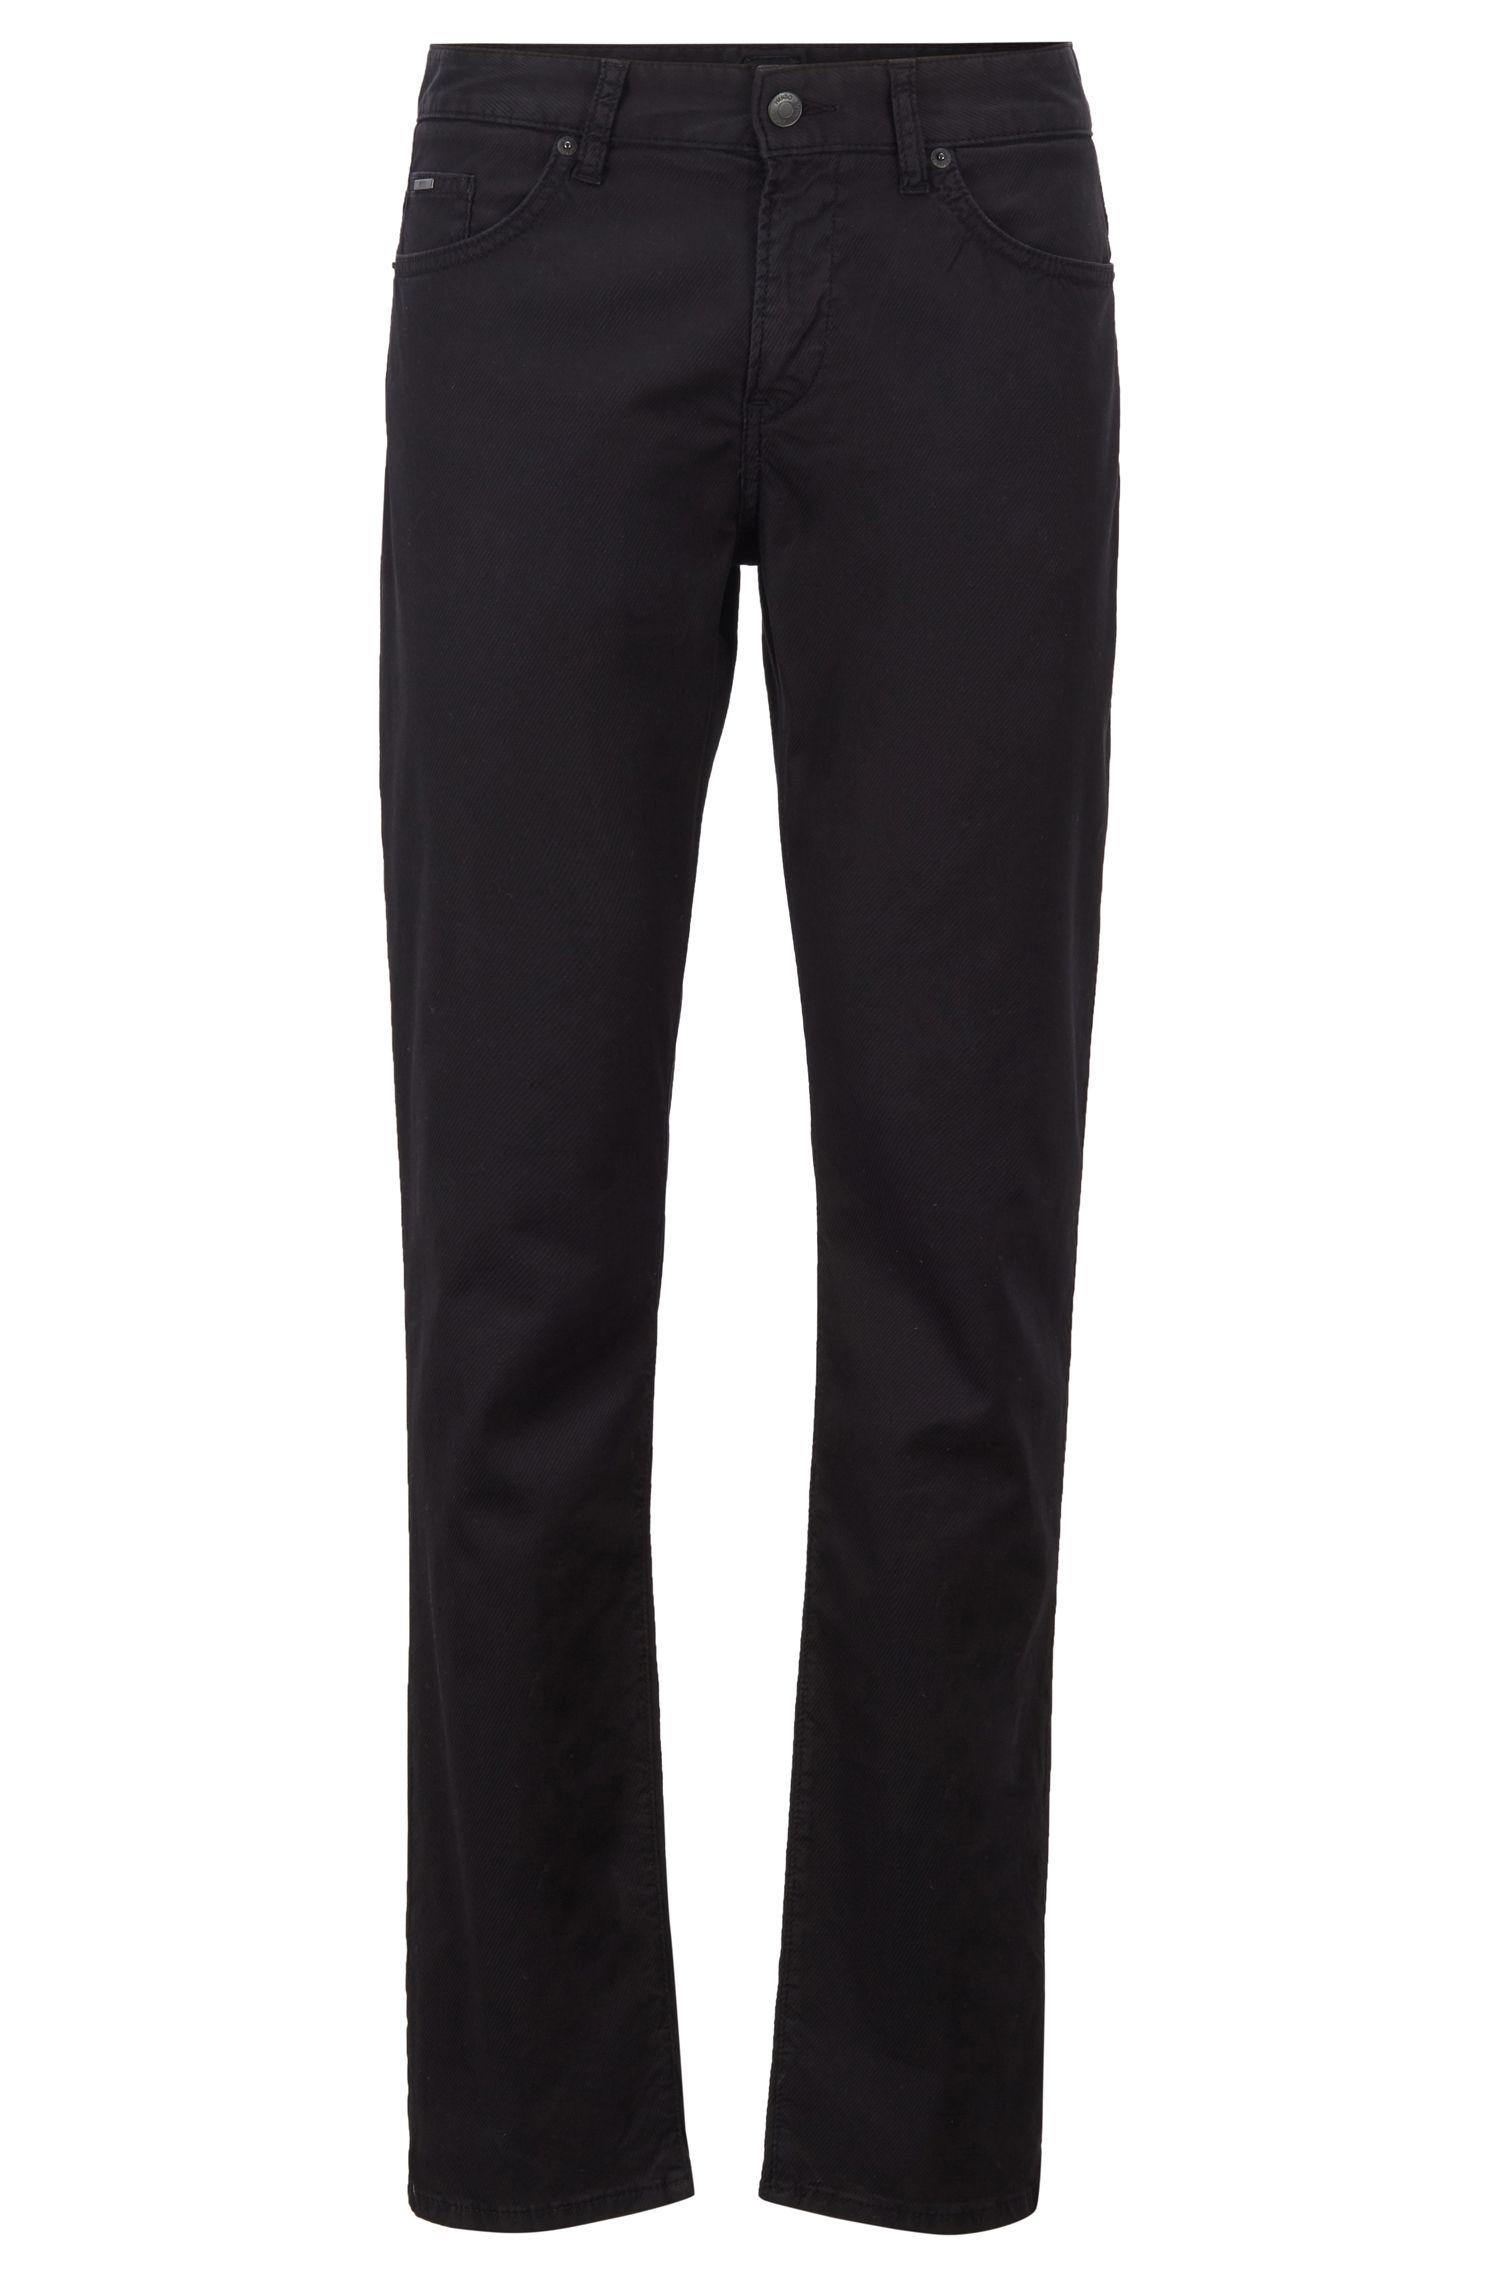 Slim-fit jeans in 3D-structured stretch denim, Black